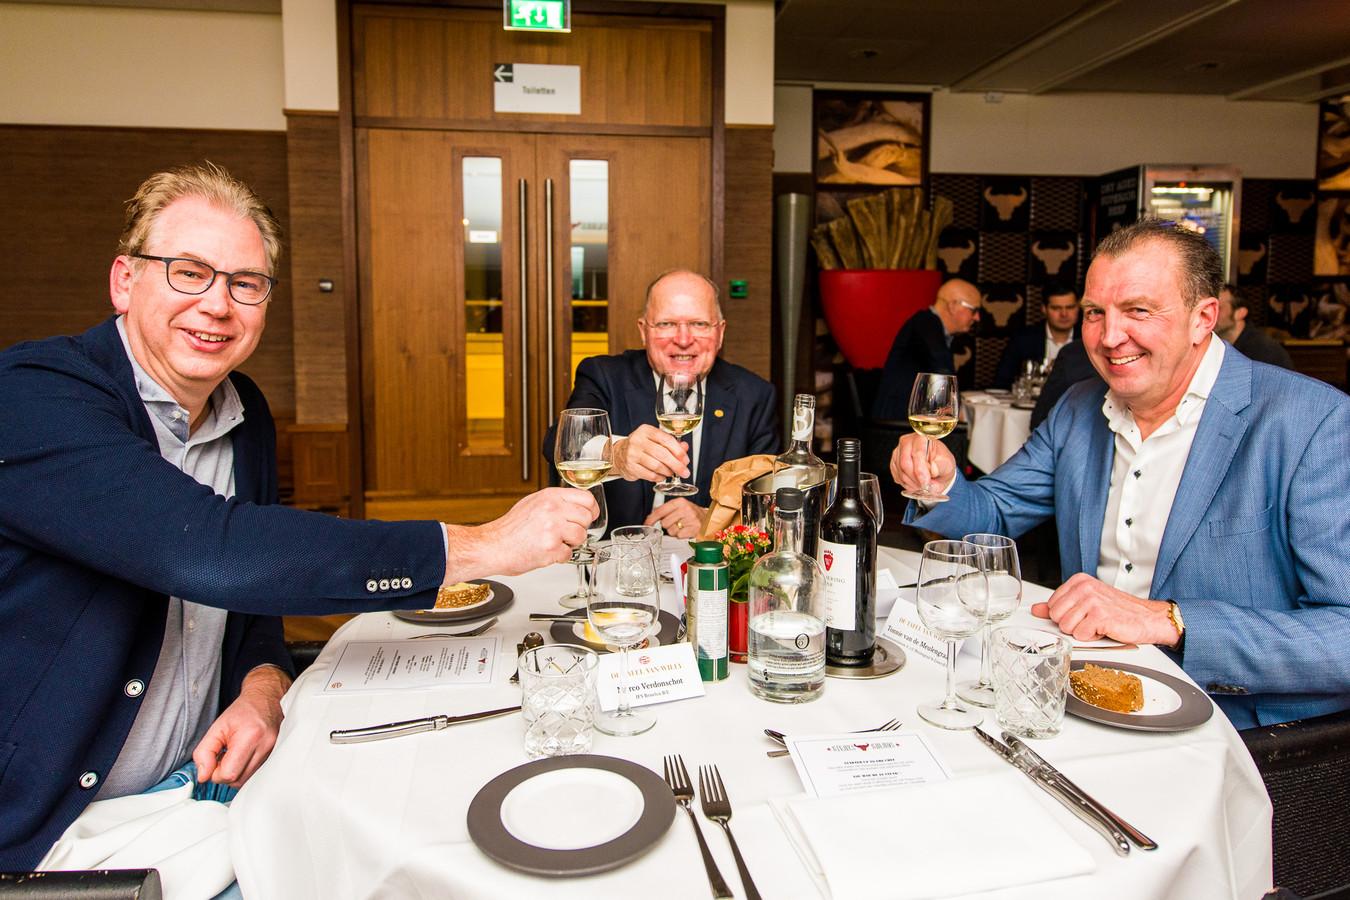 Willy van de Kerkhof in de businessclub van PSV, waar hij 'de tafel van Willy' leidt.